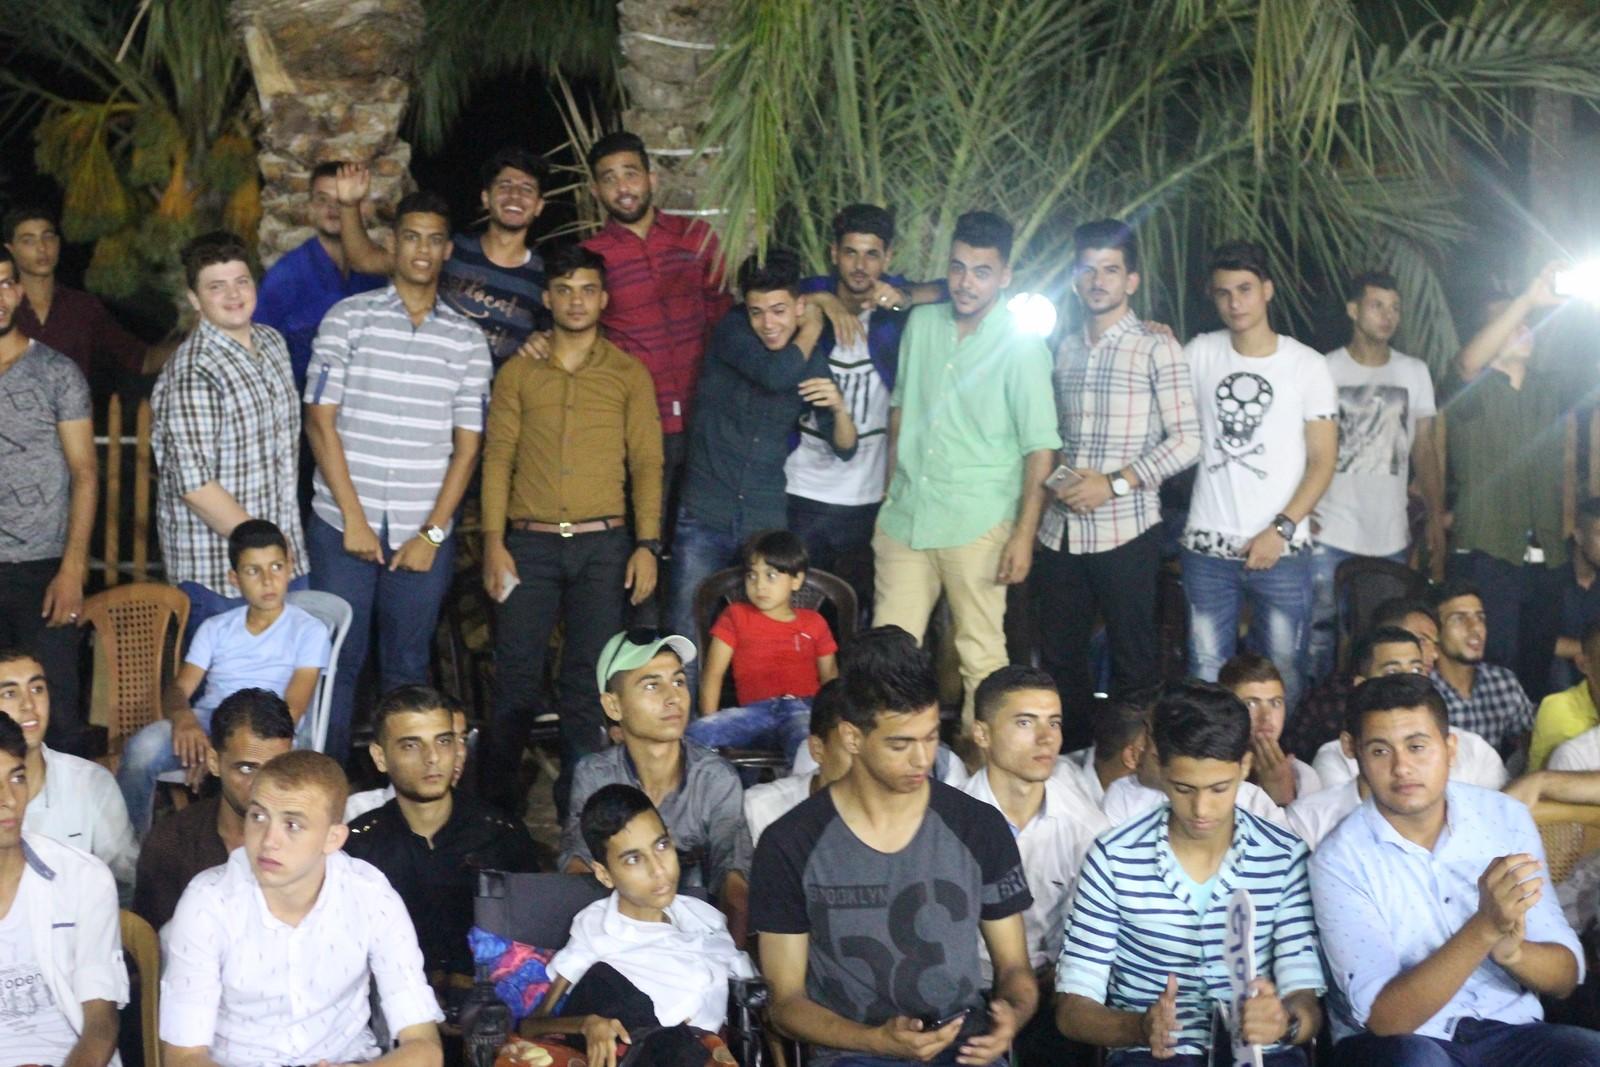 برعاية جامعة فلسطين، أقام المجلس العام لعائلات خان يونس حفل تكريماً للطلبة الناجحين الفرع الأدبي